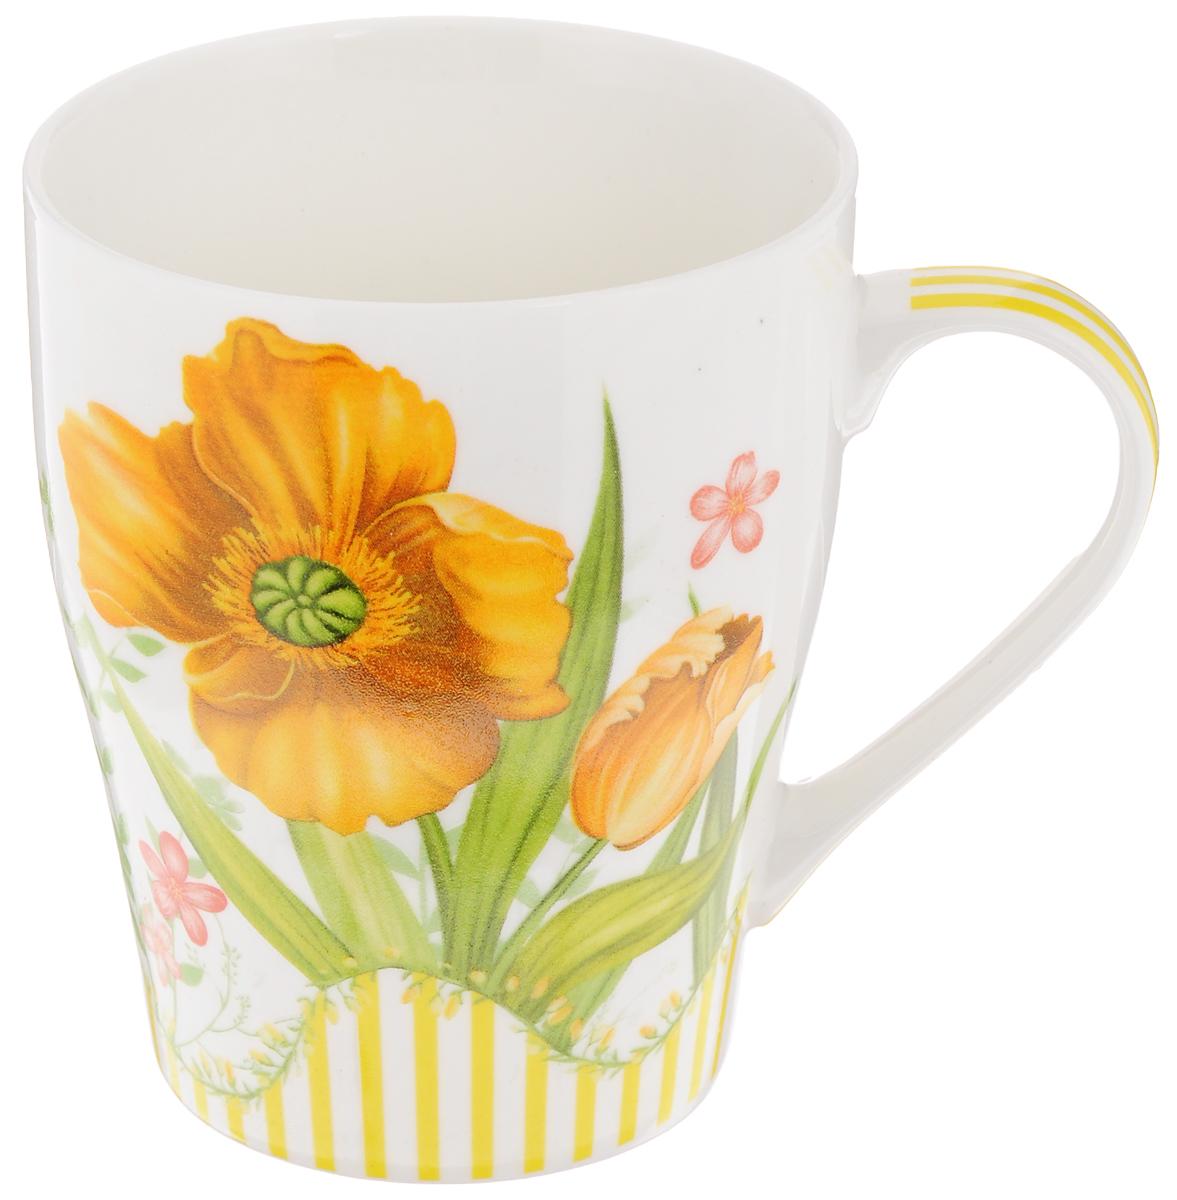 Кружка Loraine Цветок, цвет: белый,оранжевый, 340 мл24466_белый,оранжевыйКружка Loraine Цветок изготовлена из высококачественного фарфора. Изделие оформлено изображением цветов. Такая кружка станет приятным сувениром и обязательно порадует вас и ваших близких. Объем: 340 мл. Диаметр кружки (по верхнему краю): 8 см. Высота кружки: 10 см.